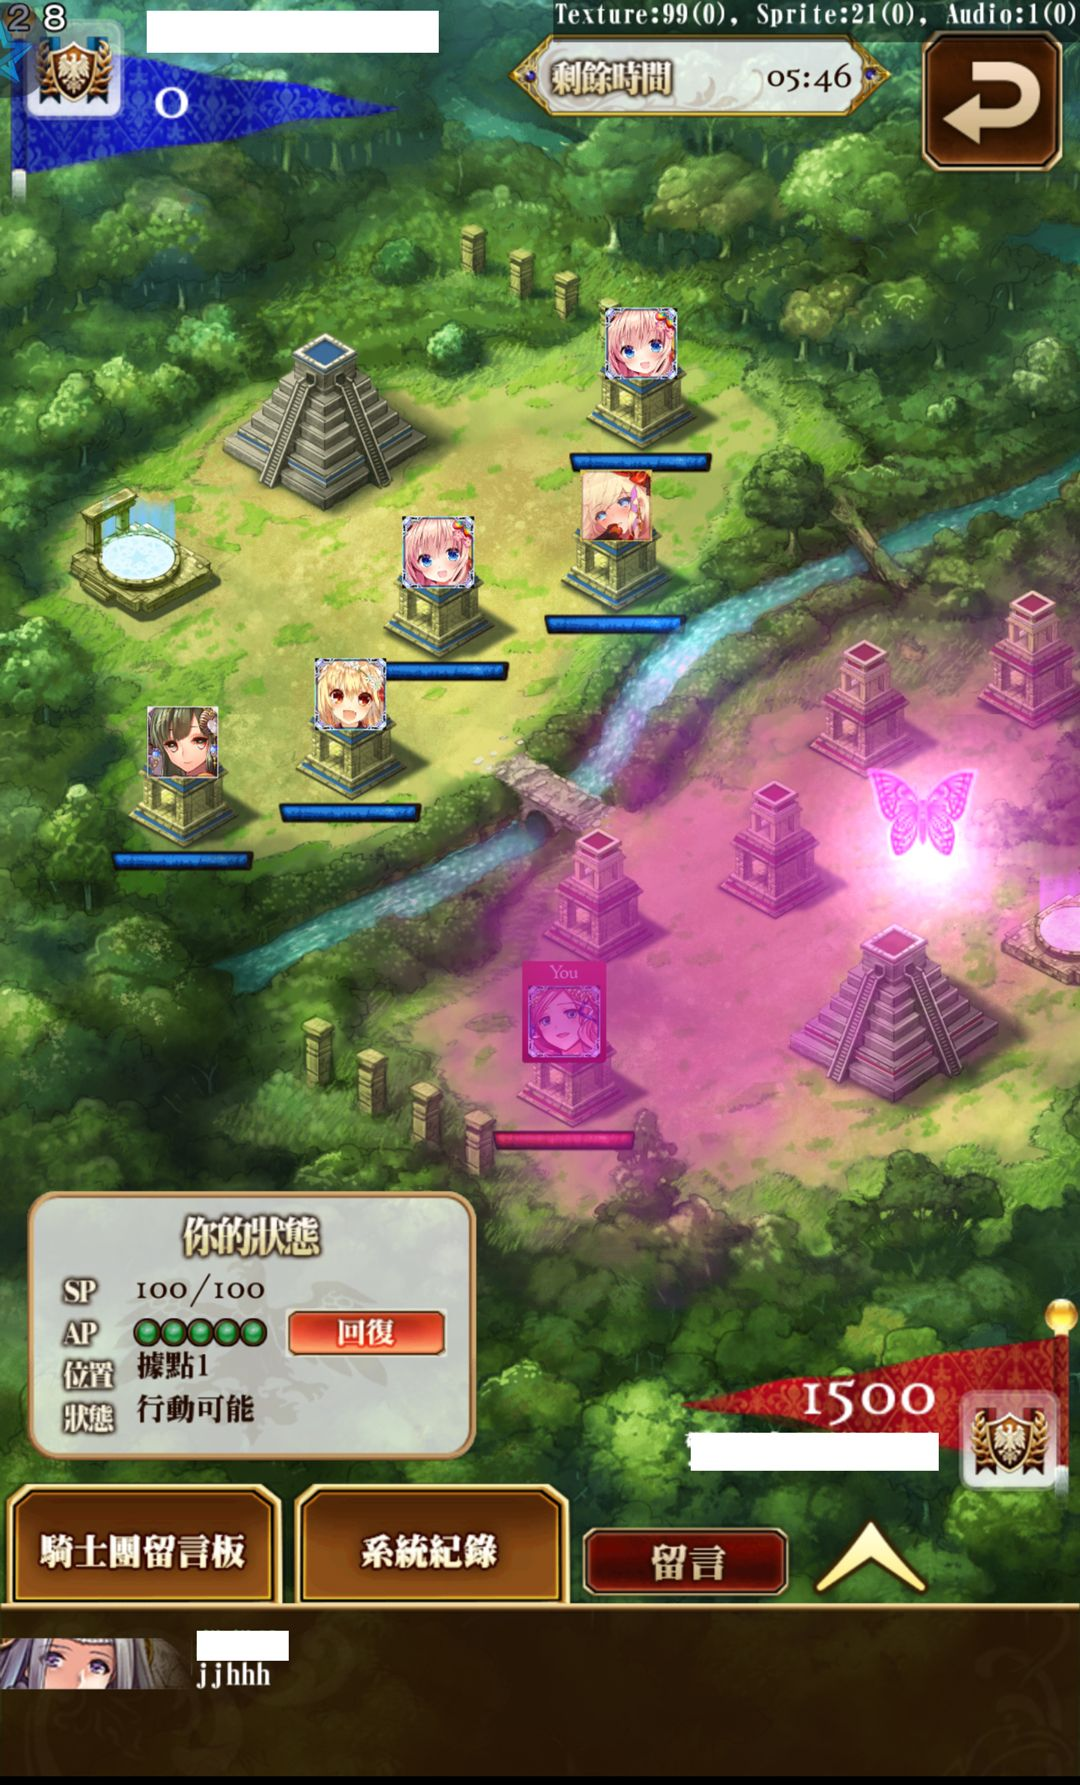 圖3_本次征戰的新地圖「樹海」新登場,因此森屬性的防衛隊伍屬性將隨之強化!